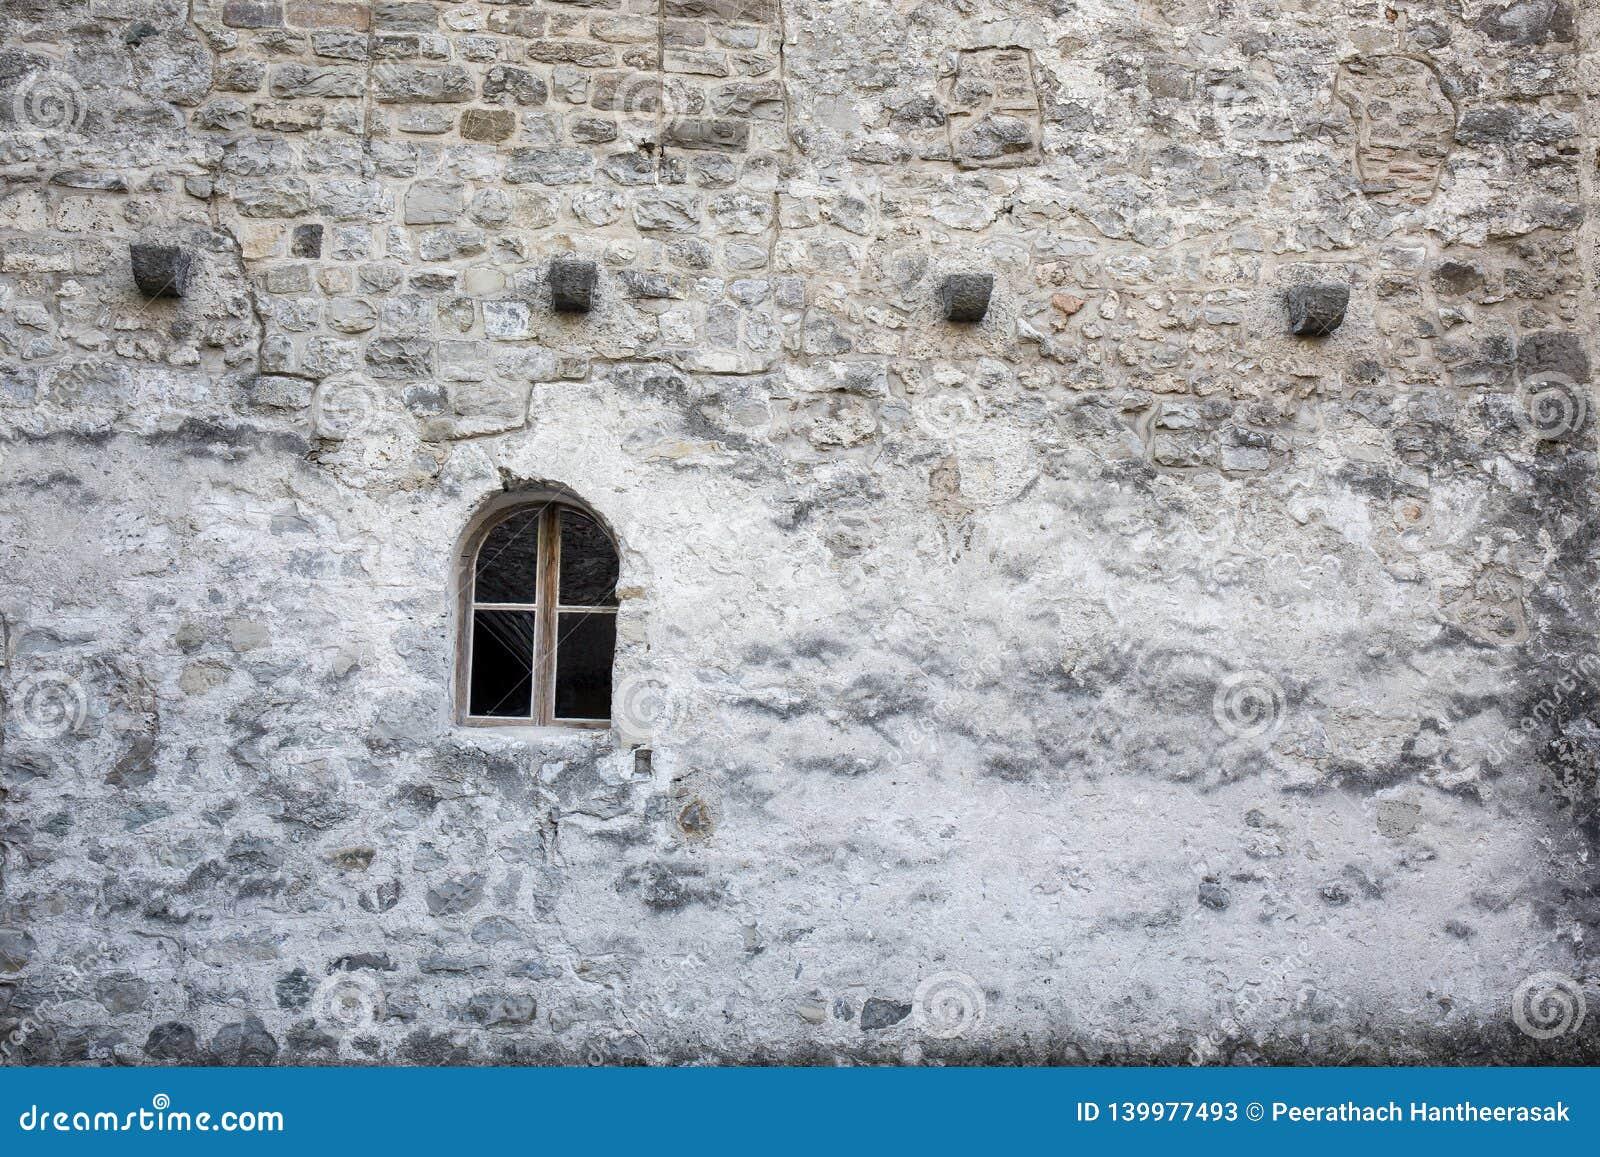 Ventana en la pared en el castillo de Chillon - Veytaux, Suiza